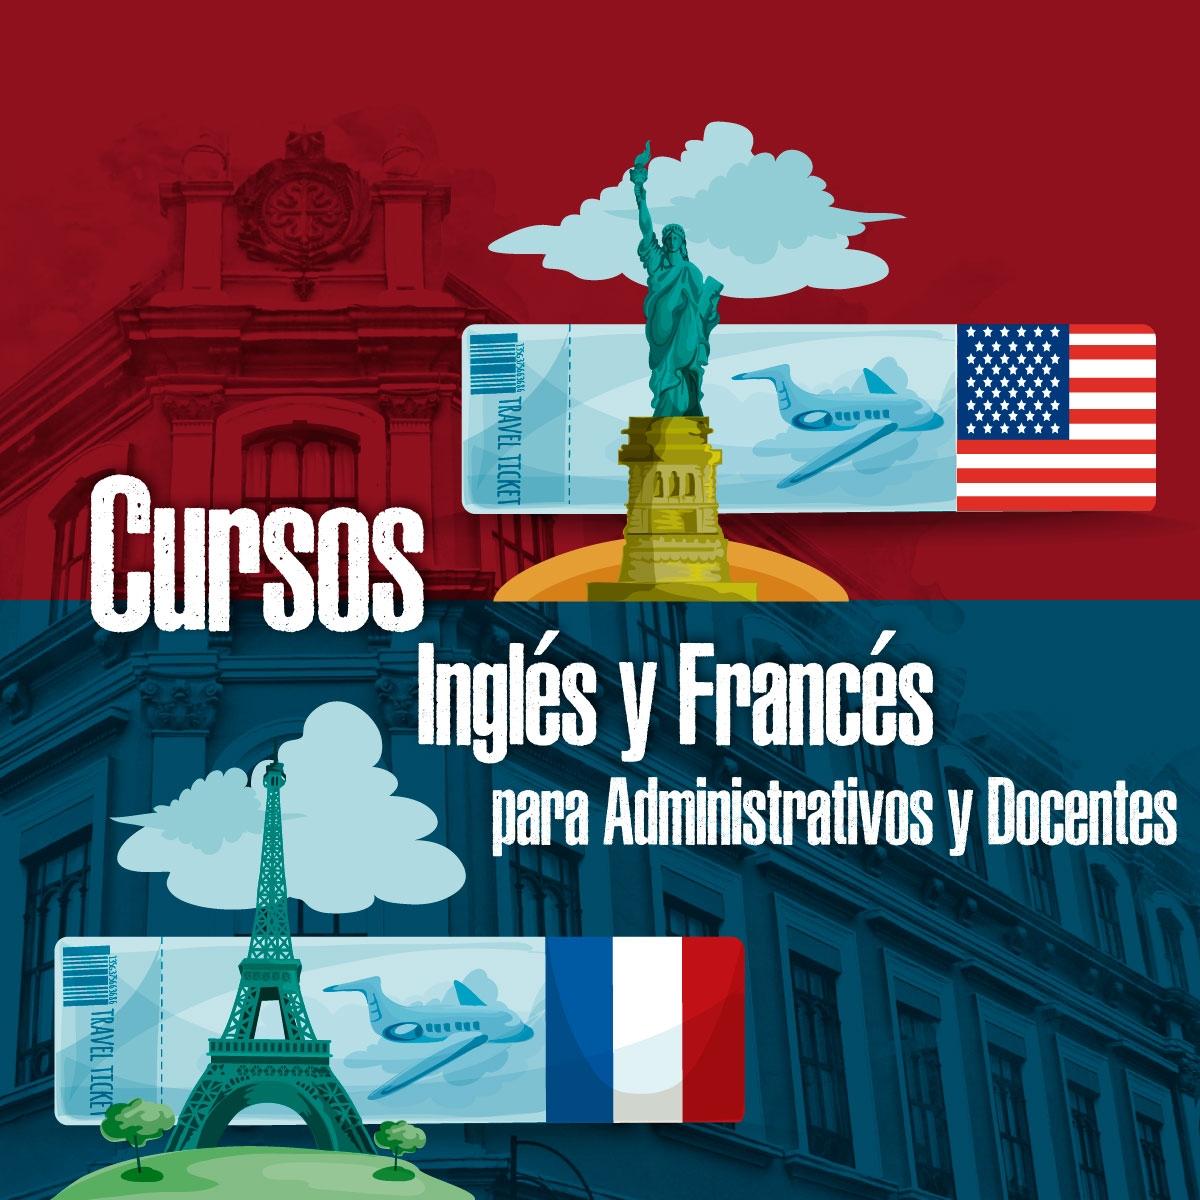 Cursos de Inglés y Francés para Administrativos y Docentes